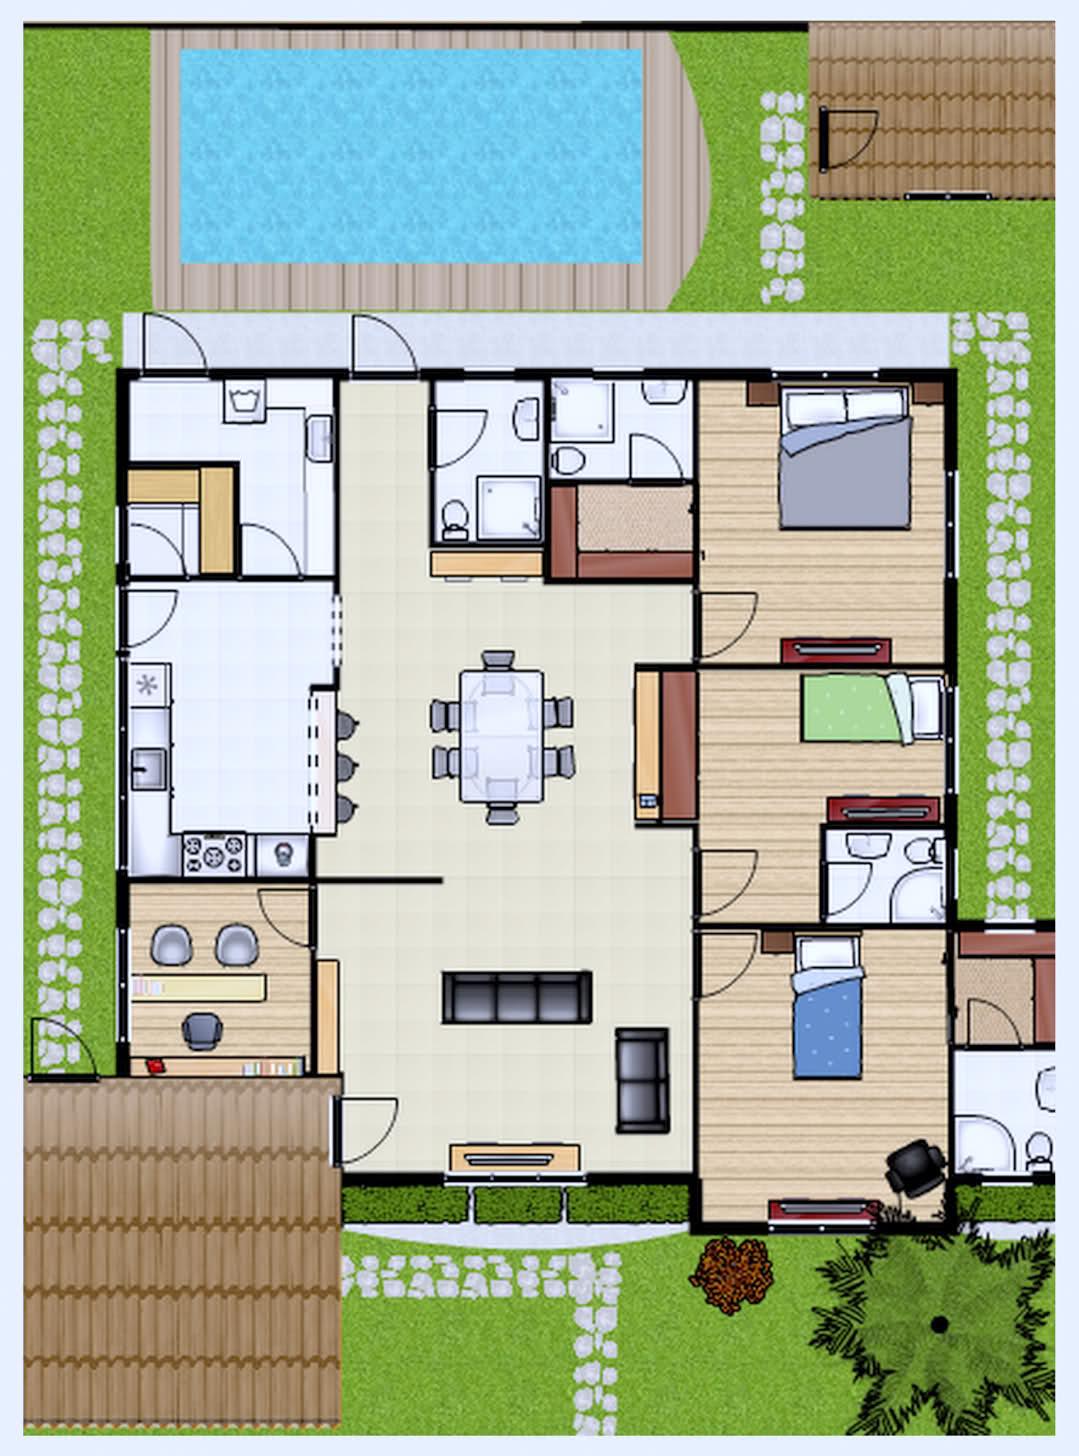 de casas até 65m2 Plantas de casas até 60m2: 3 modelos Projetos de  #1886B3 1079 1456